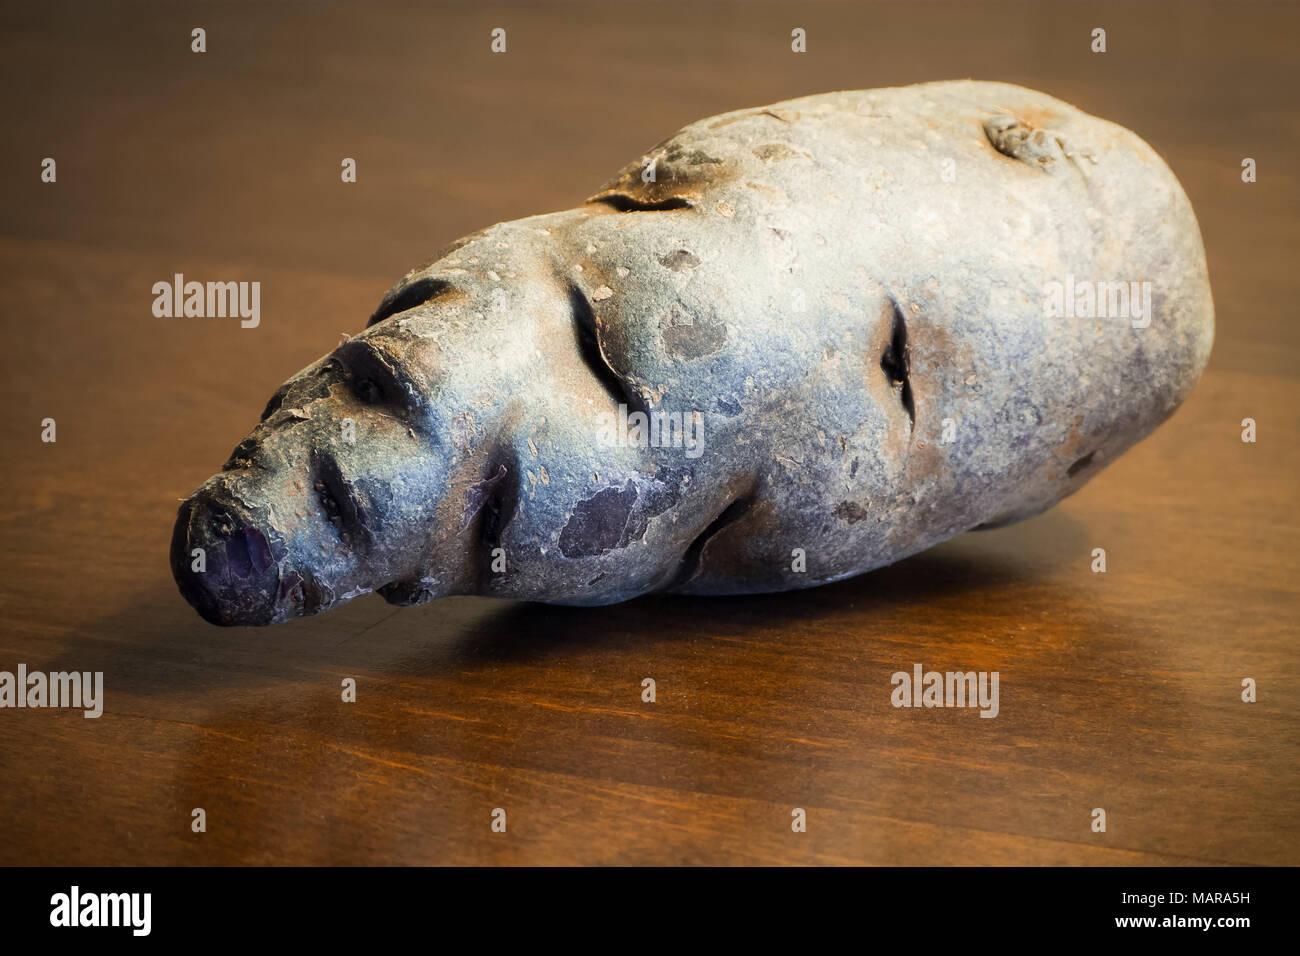 Potato truffle still life on wooden table - Stock Image